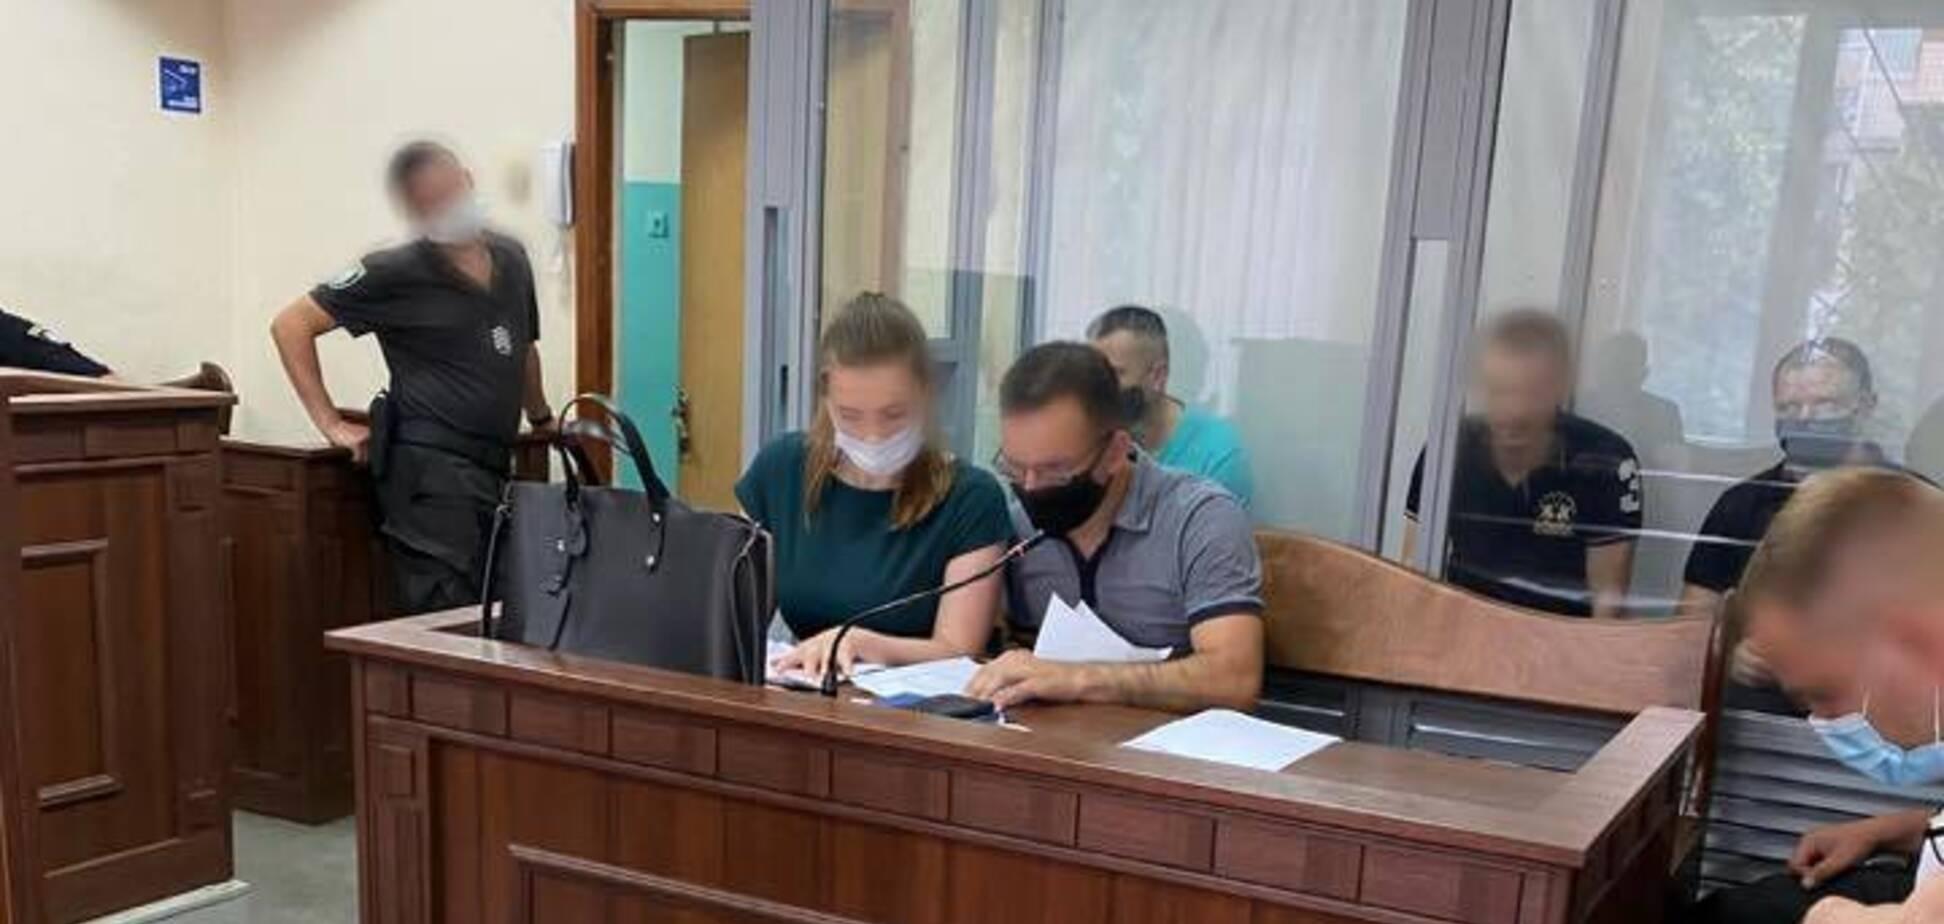 Суд продовжив слідство у справі про тортури і зґвалтування в Кагарлику